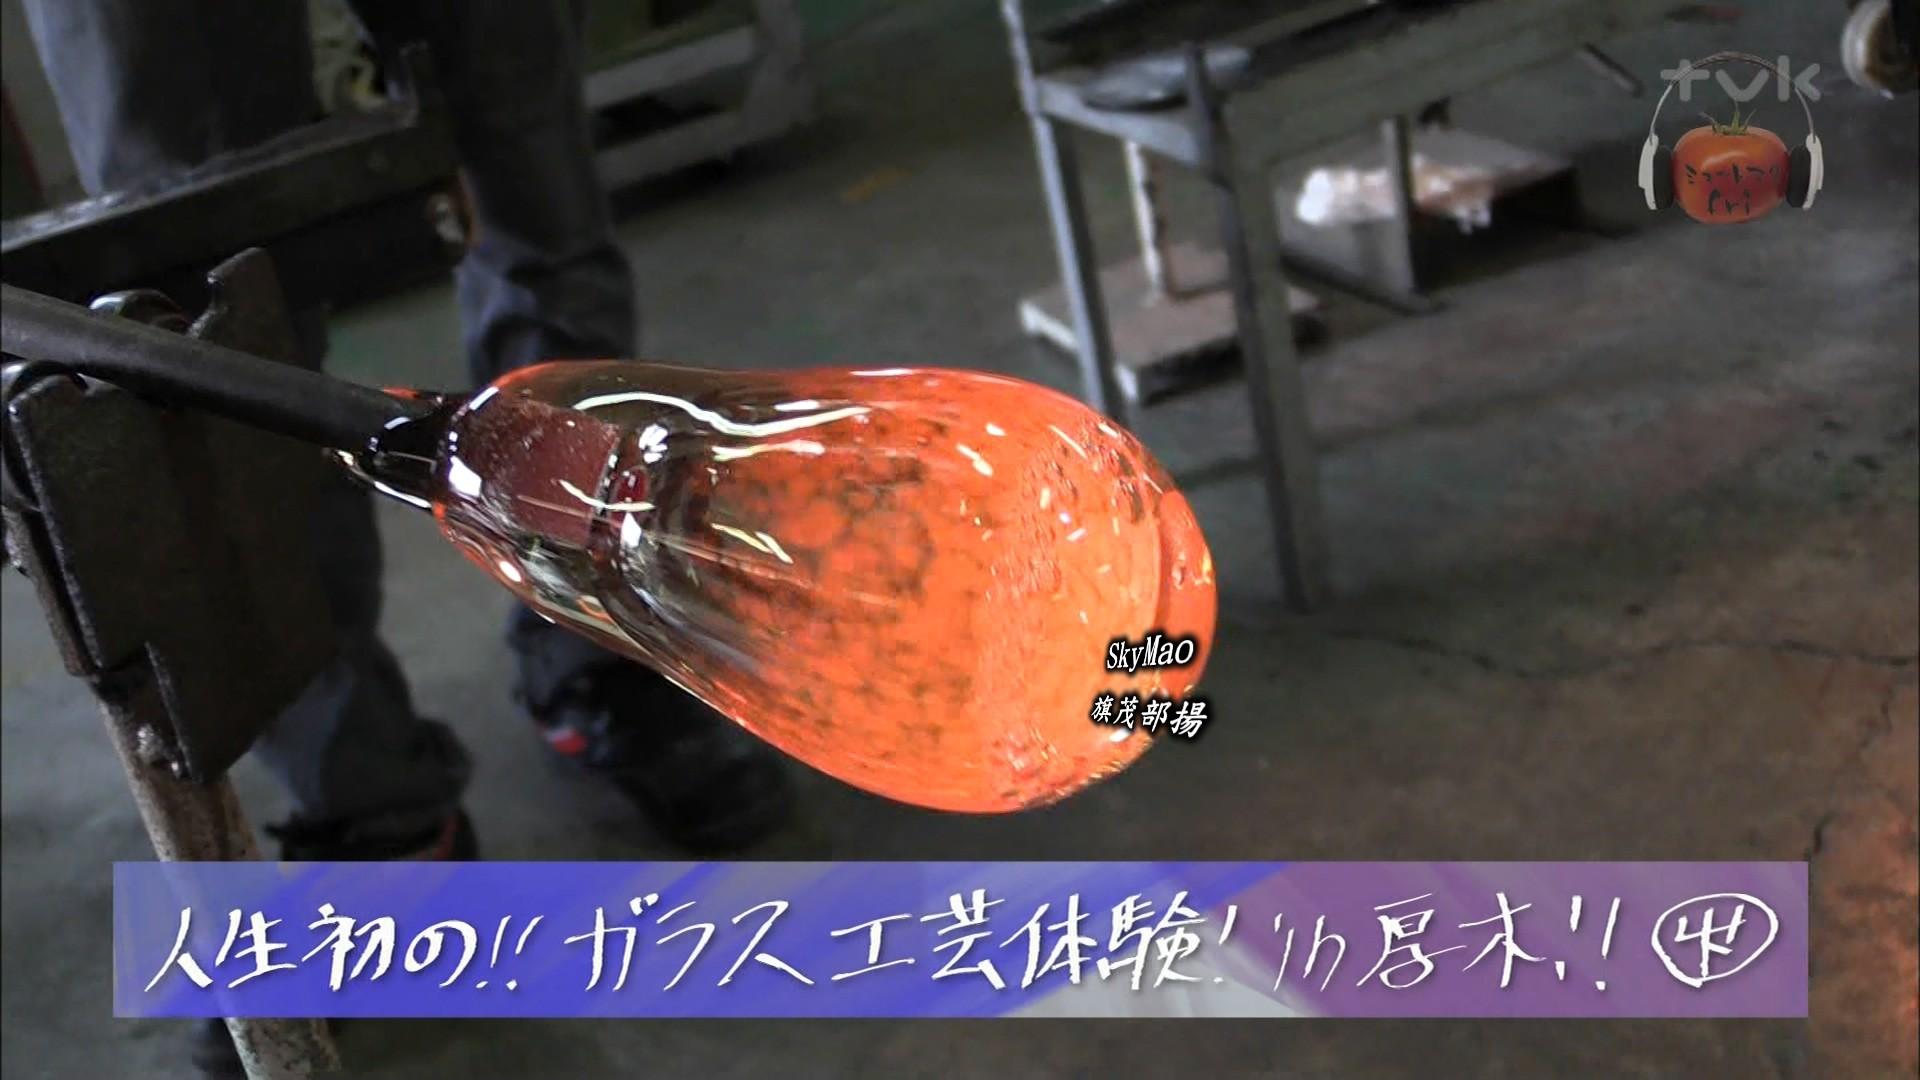 2017.09.08 全場(ミュートマ2).ts_20170909_002407.172